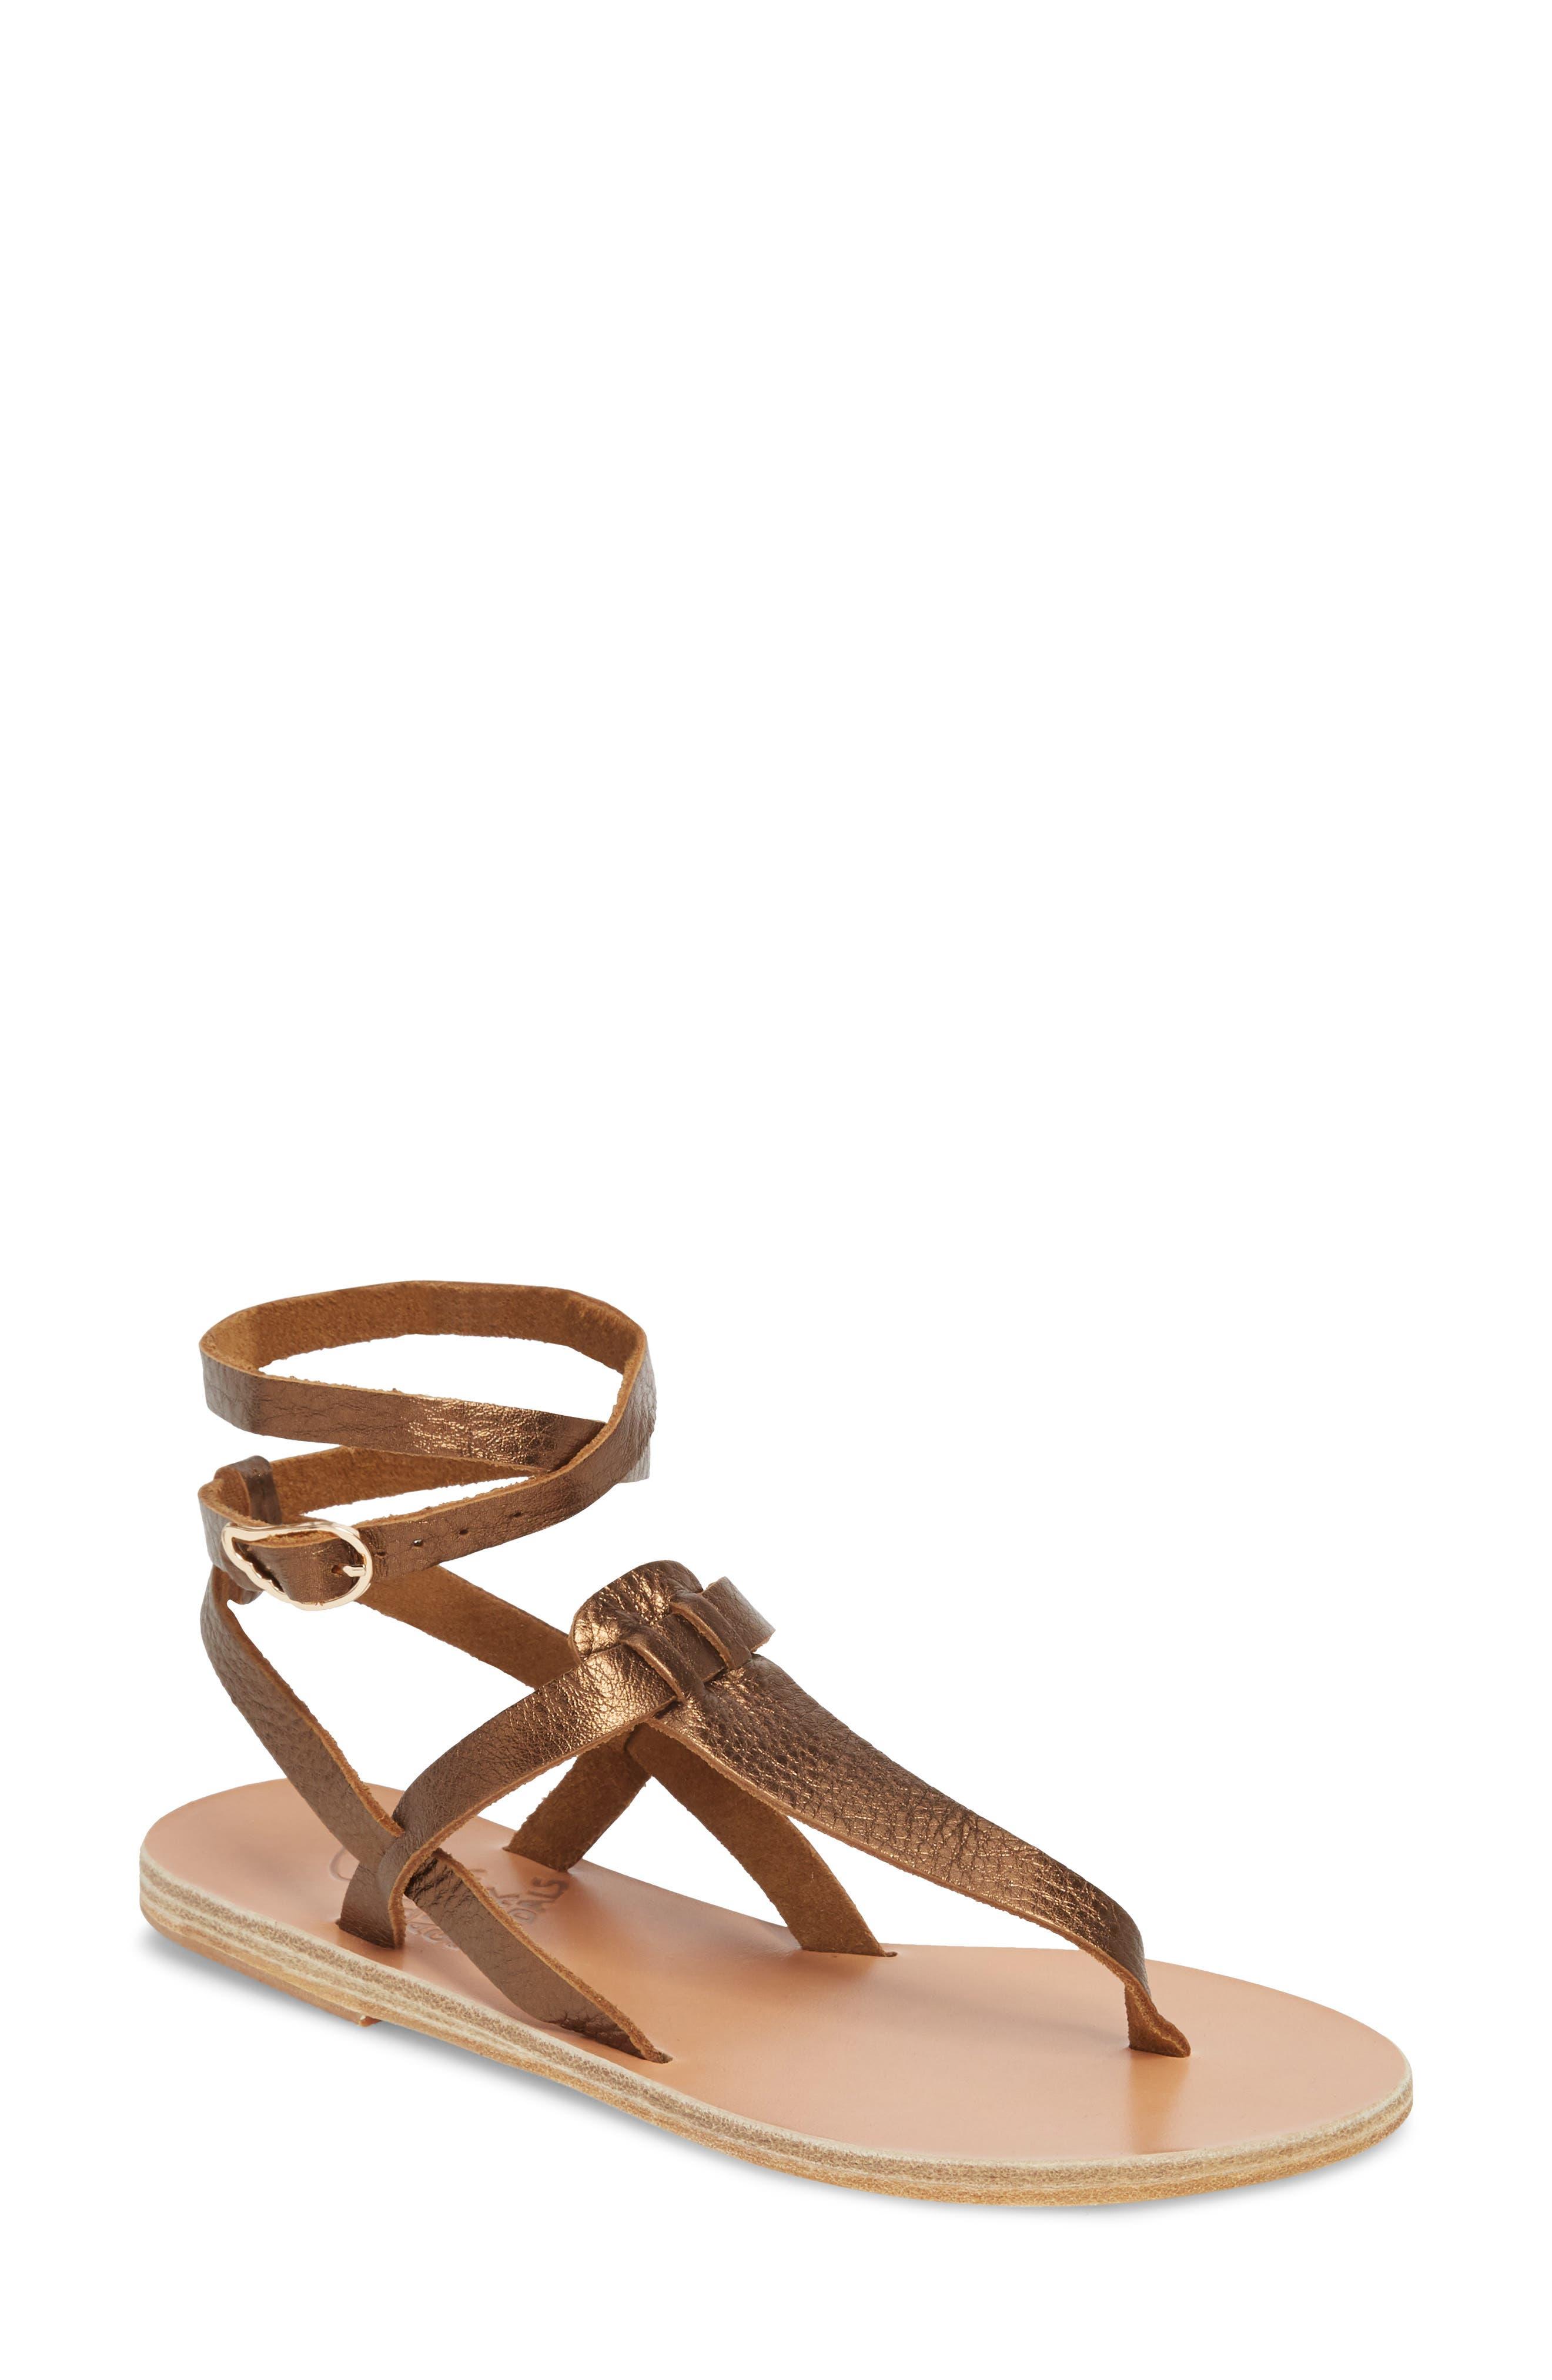 Estia Ankle Wrap Sandal,                         Main,                         color, Bronze/ Cocco